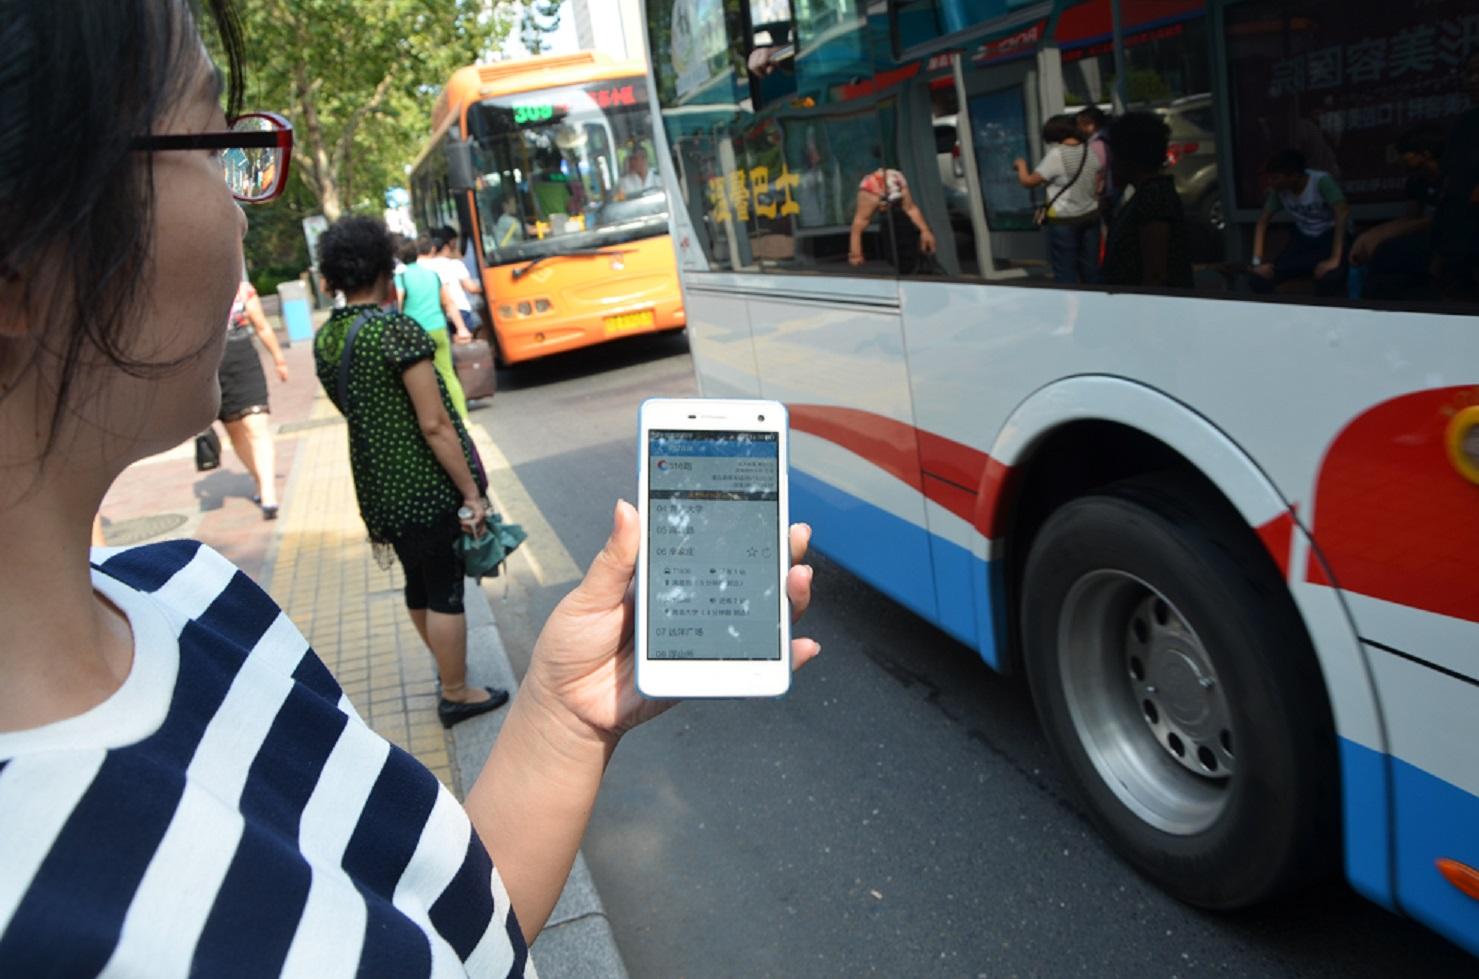 青岛公交智能出行 提升城市公交便捷性、智能化